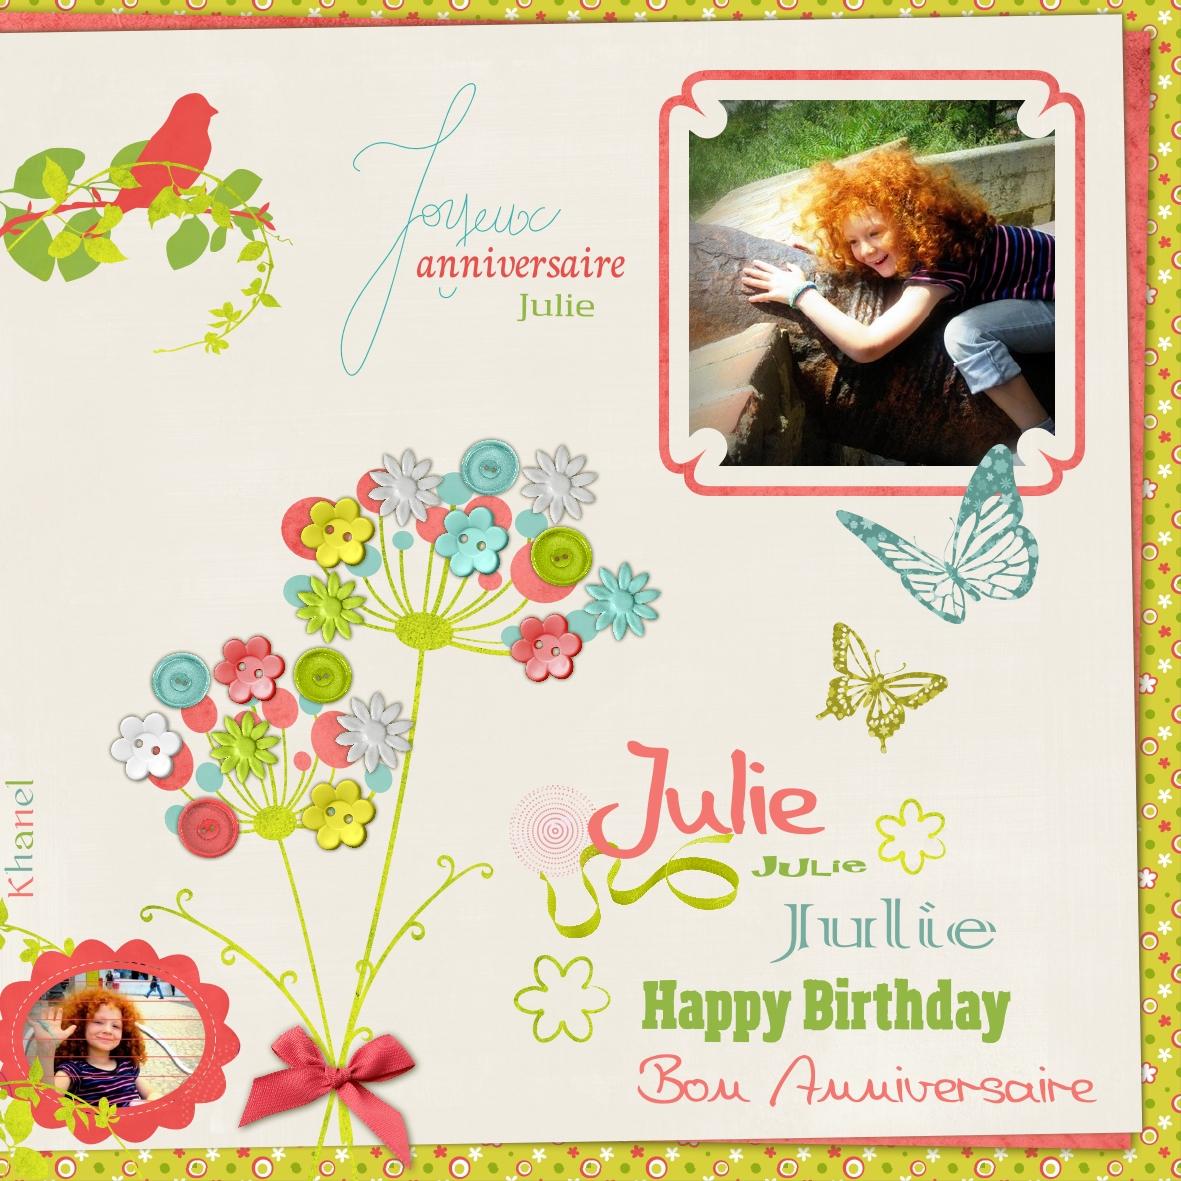 Julie-Anniversaire2014-Arthea-FVS-Khanel